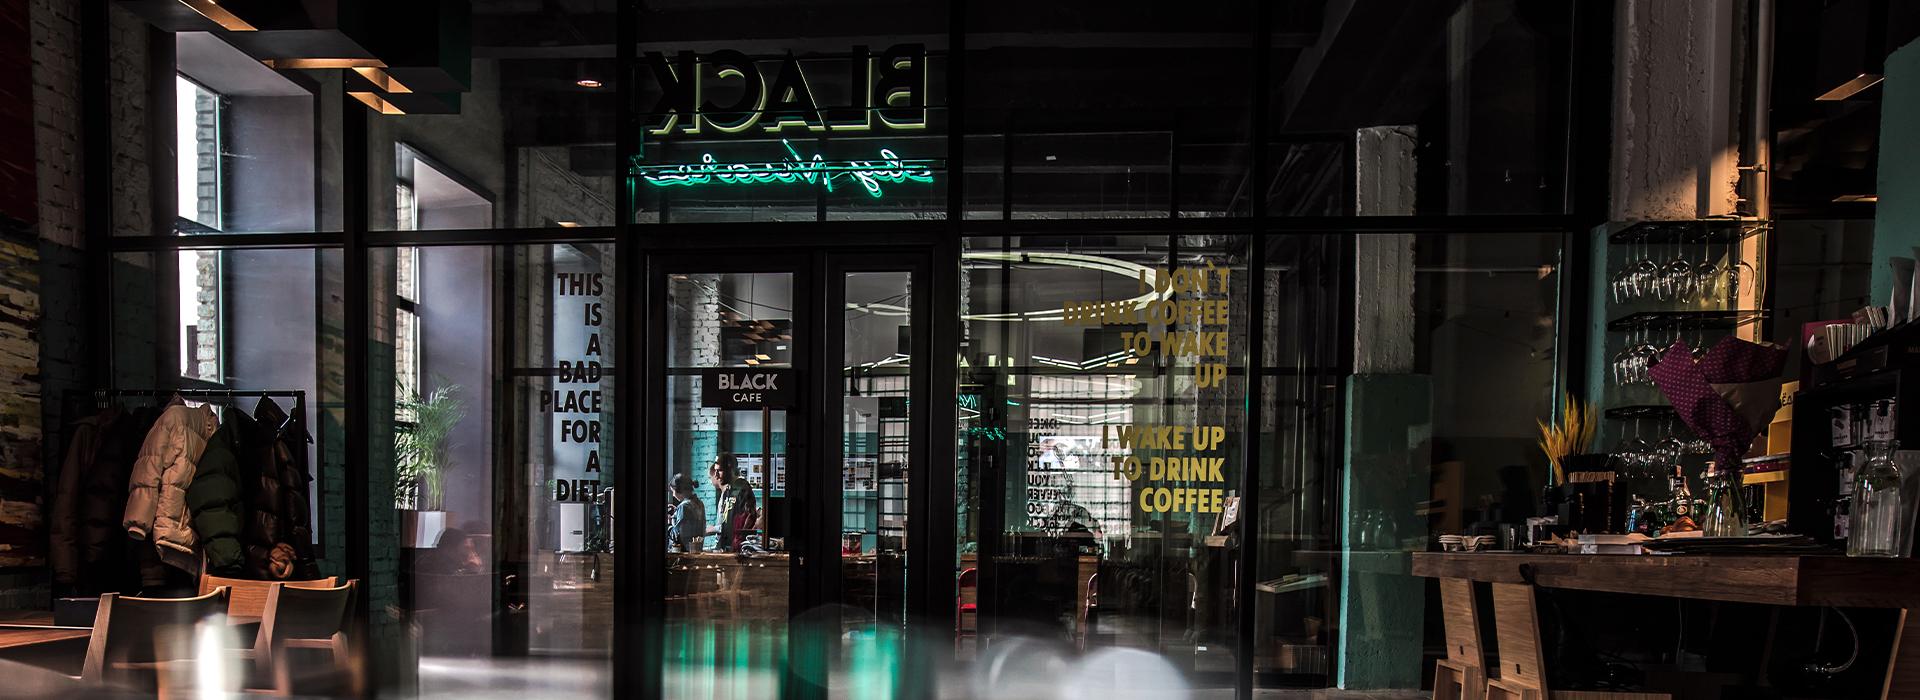 Nuare Coffee Center Kyiv Ukraine Spatial Branding